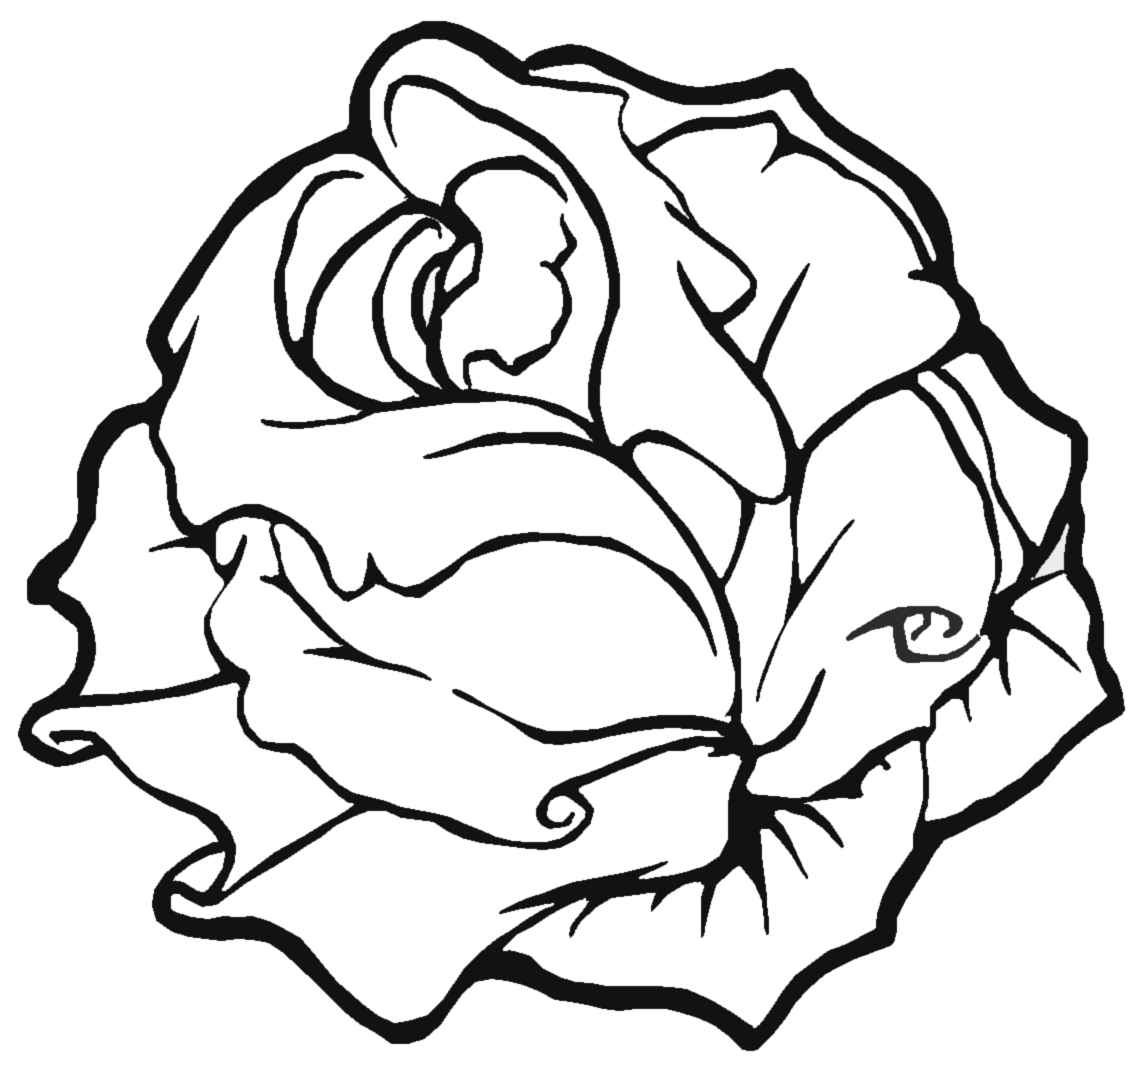 Line Art Of Rose : Line art roses up for adoption reusage